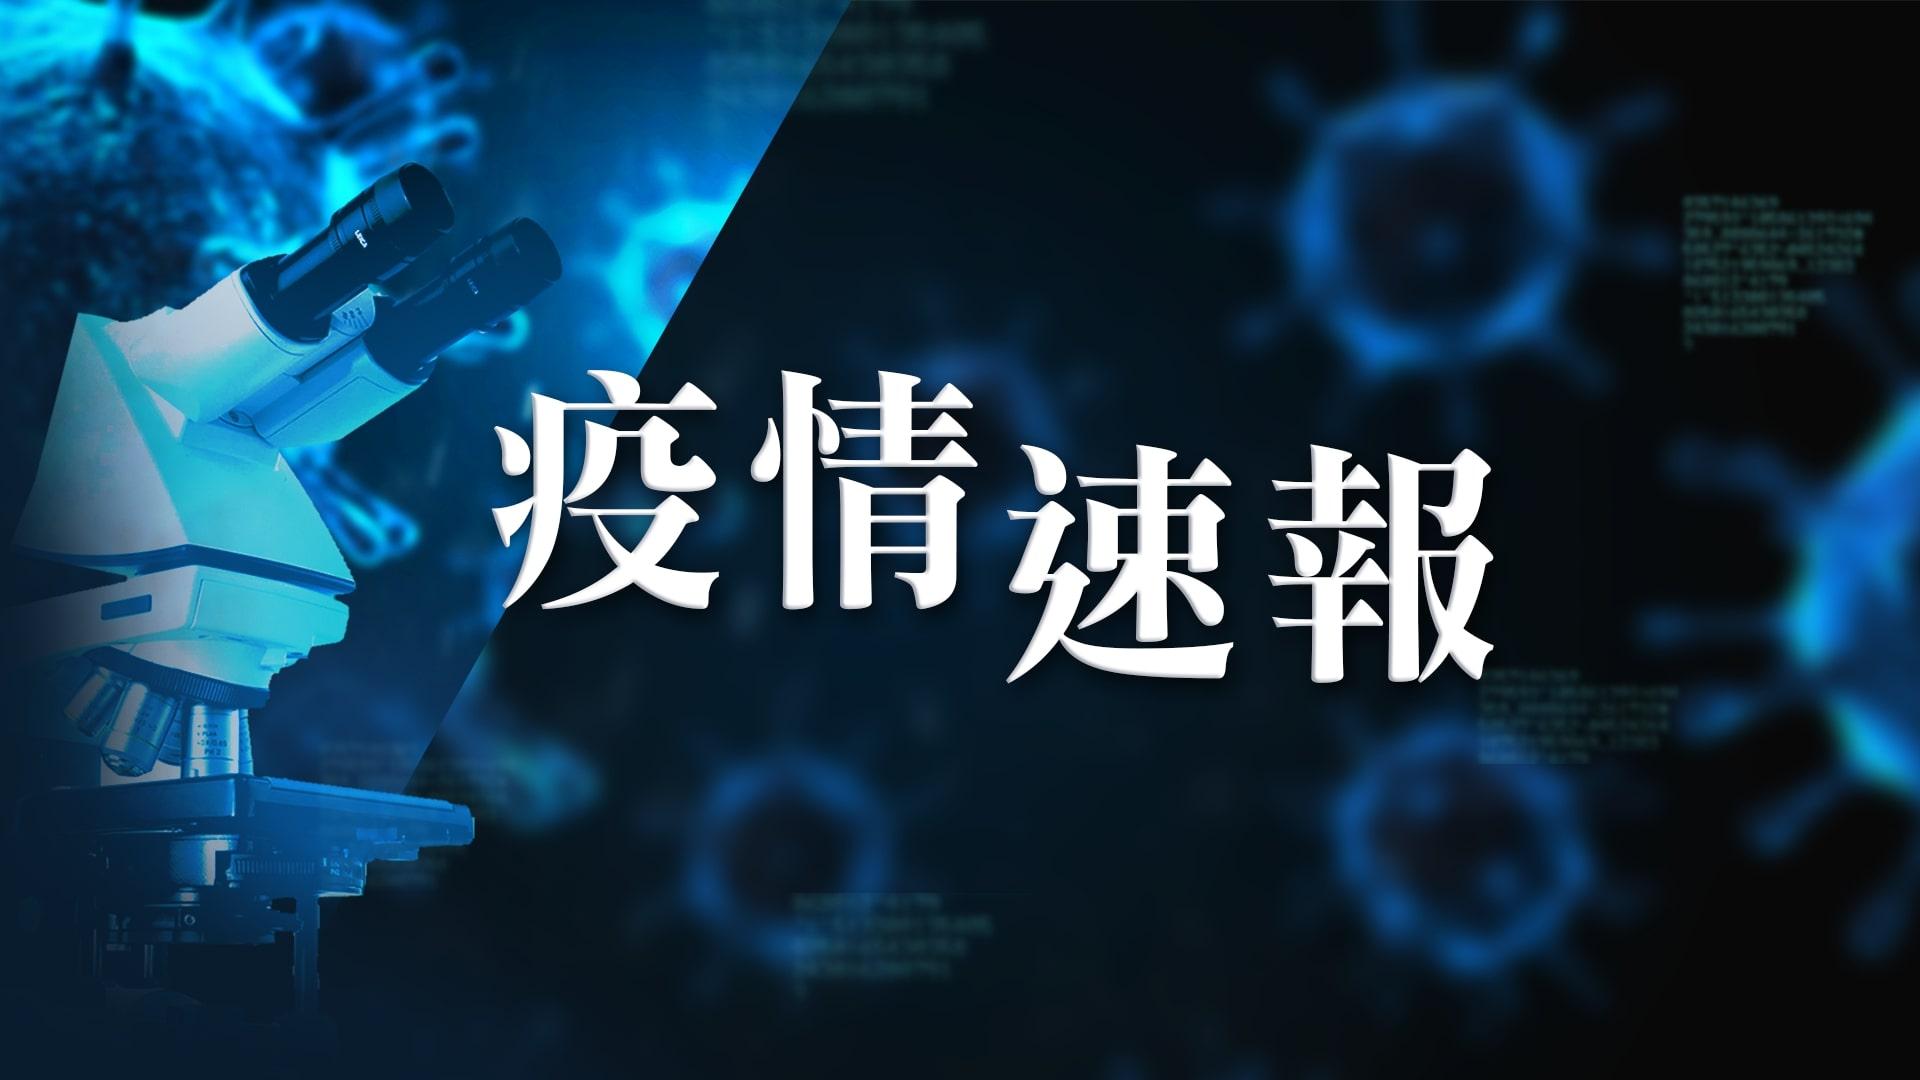 【6月4日疫情速報】(23:15)